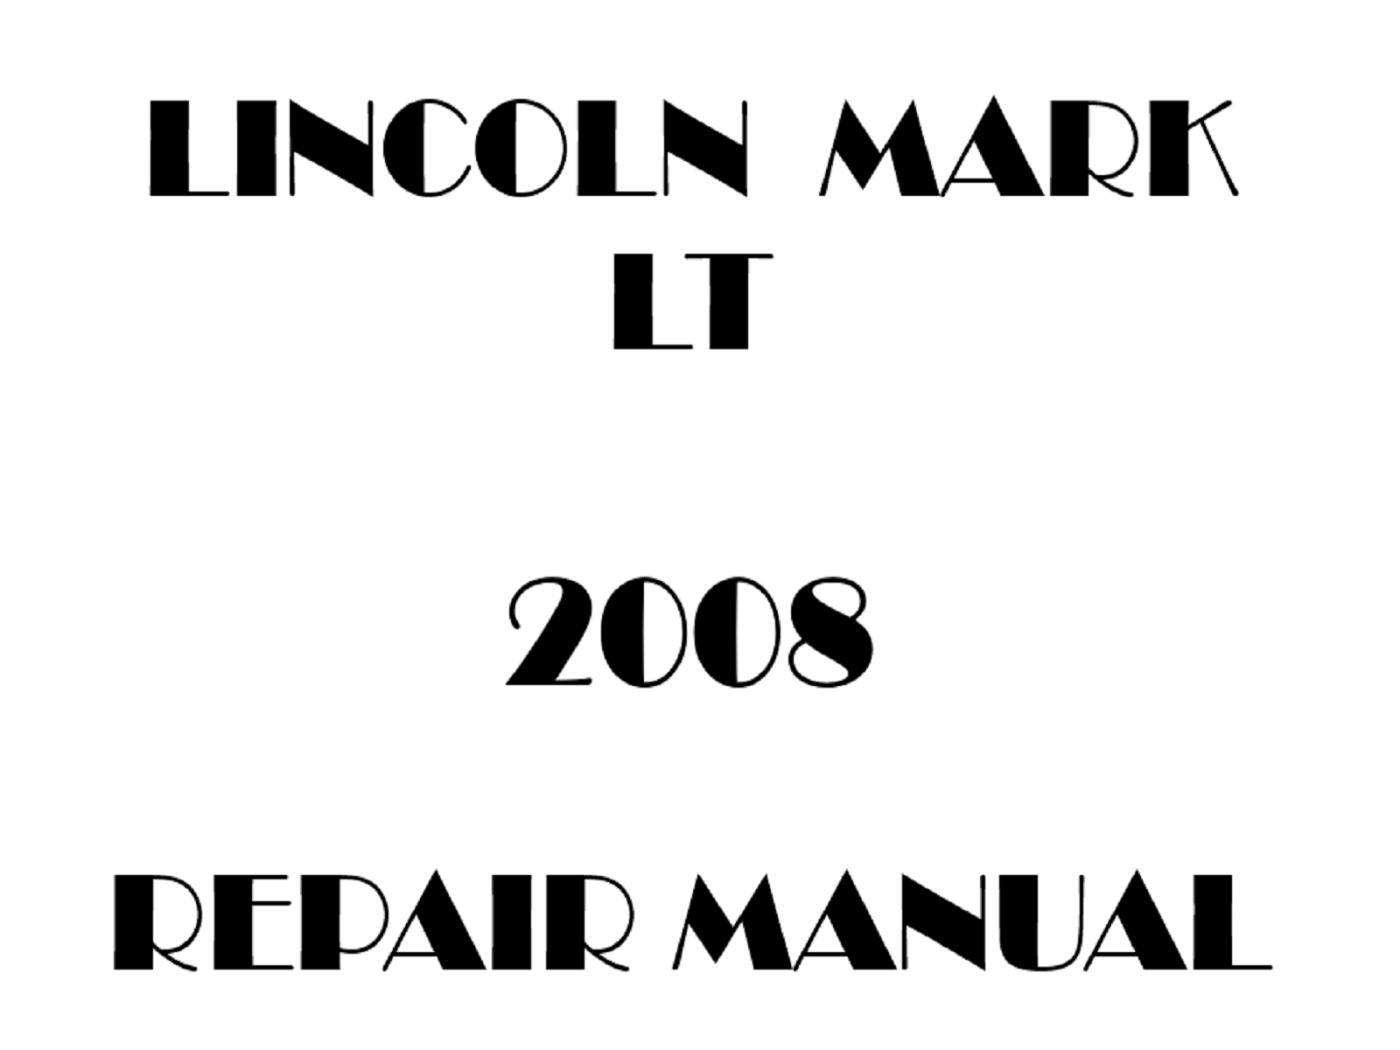 2008 Lincoln Mark LT repair manual